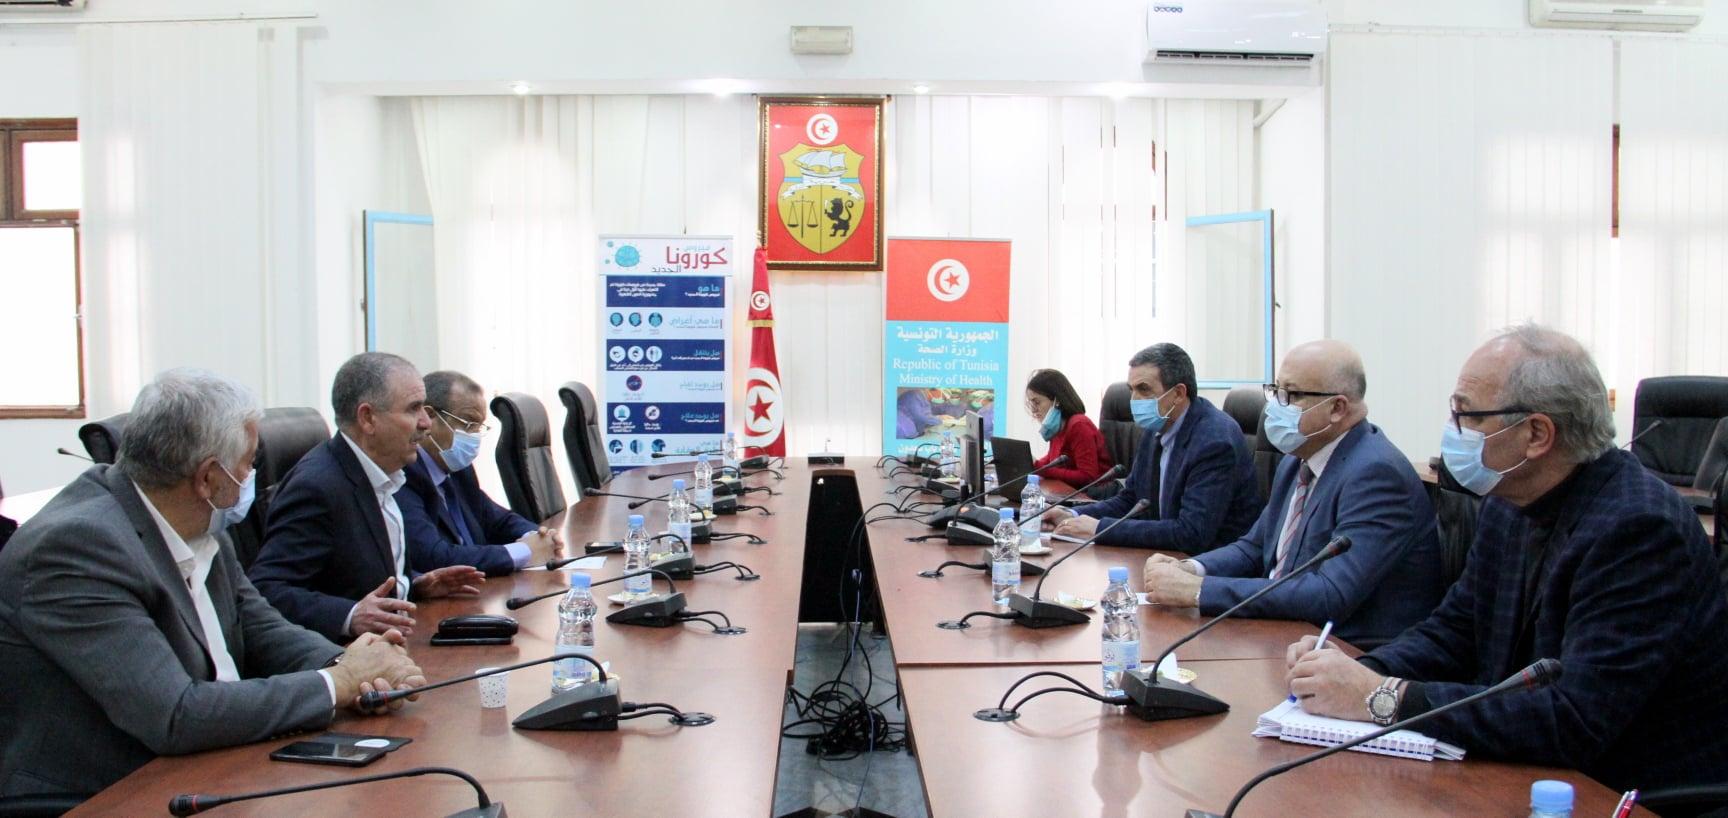 Tunisie : La campagne nationale de vaccination objet d'une séance de travail au ministère de la Santé